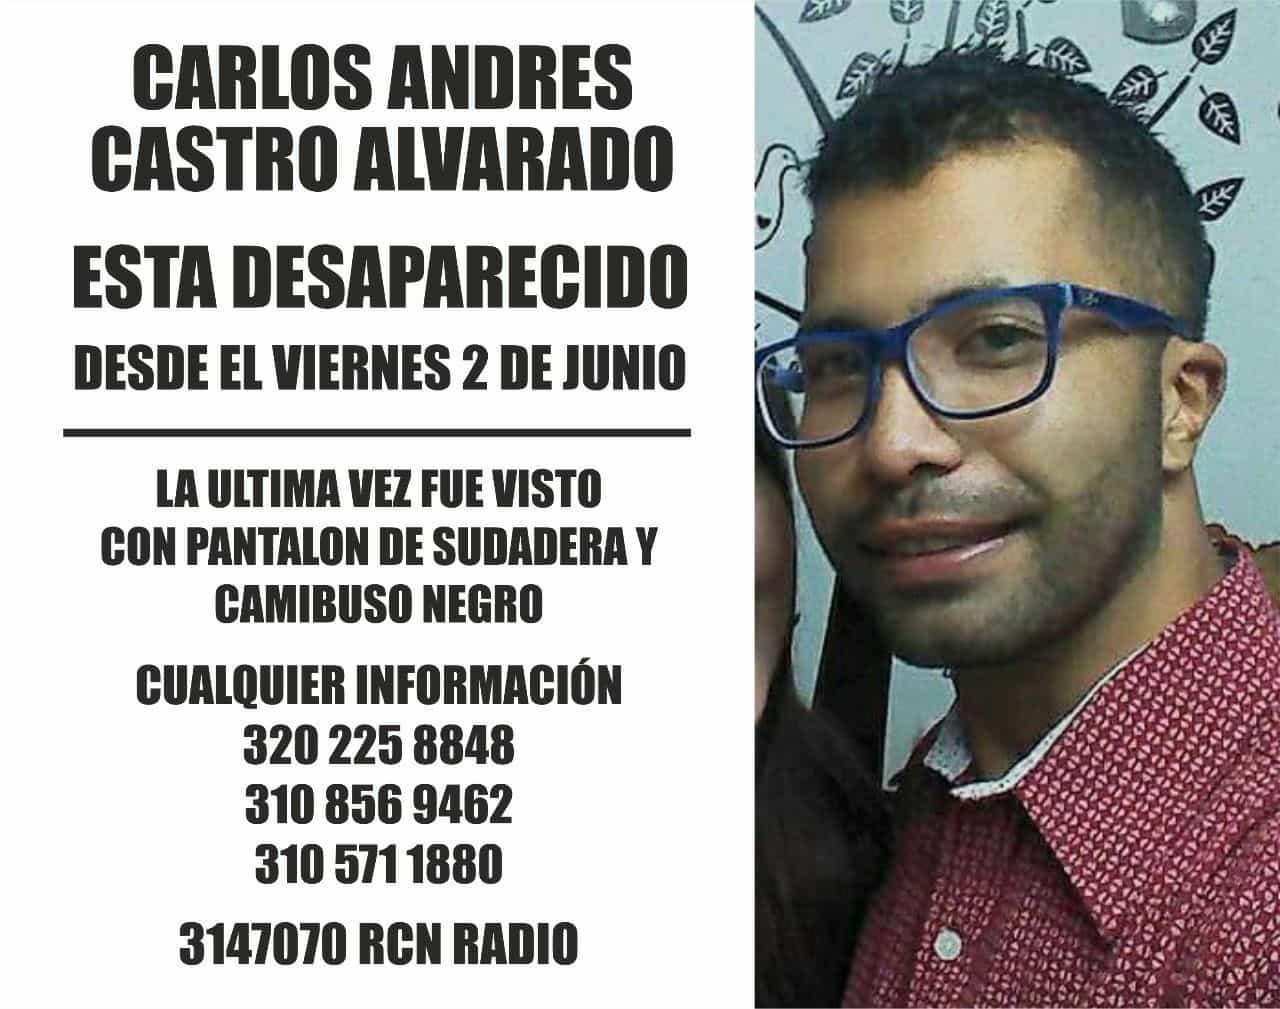 Carlos Andrés Castro Alvarado, desaparecido